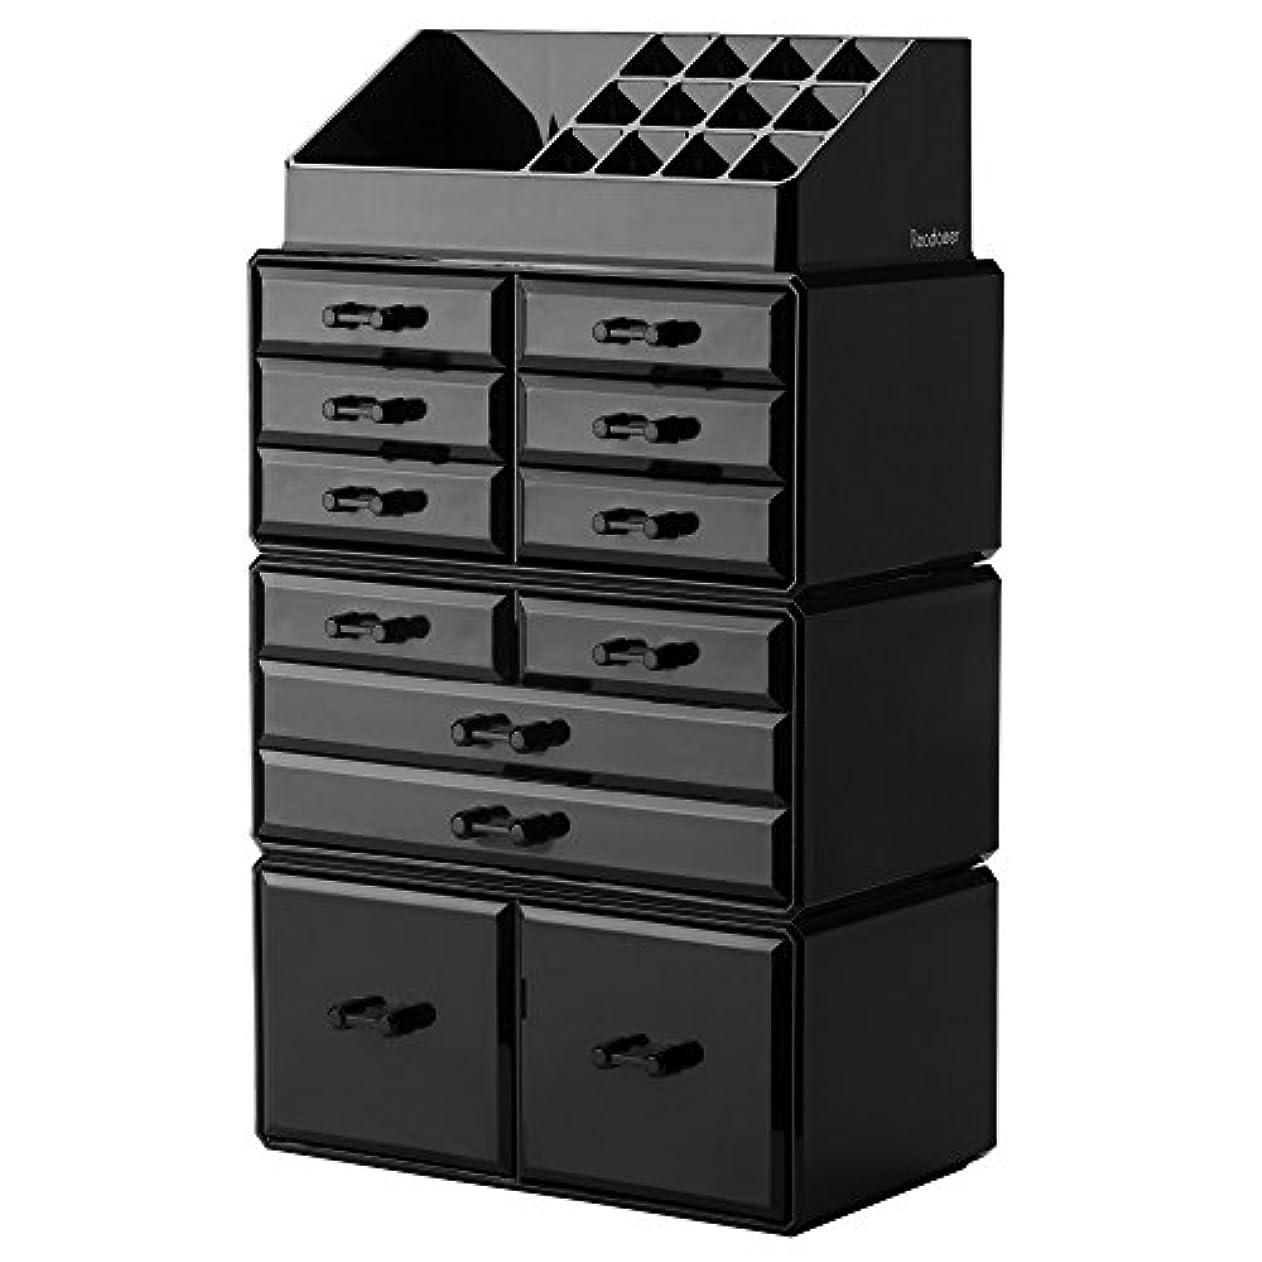 連続した静かに補正(Black) - Readaeer Makeup Cosmetic Organiser Storage Drawers Display Boxes Case with 12 Drawers(Black)